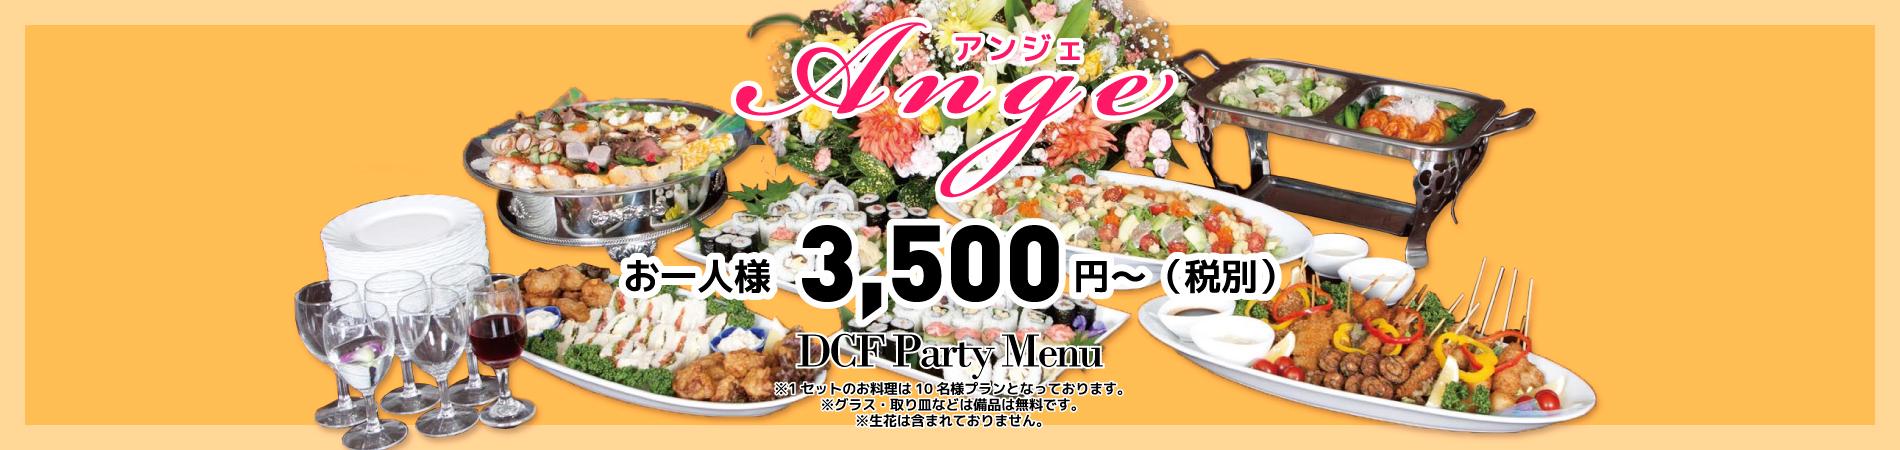 DCFパーティーメニュー